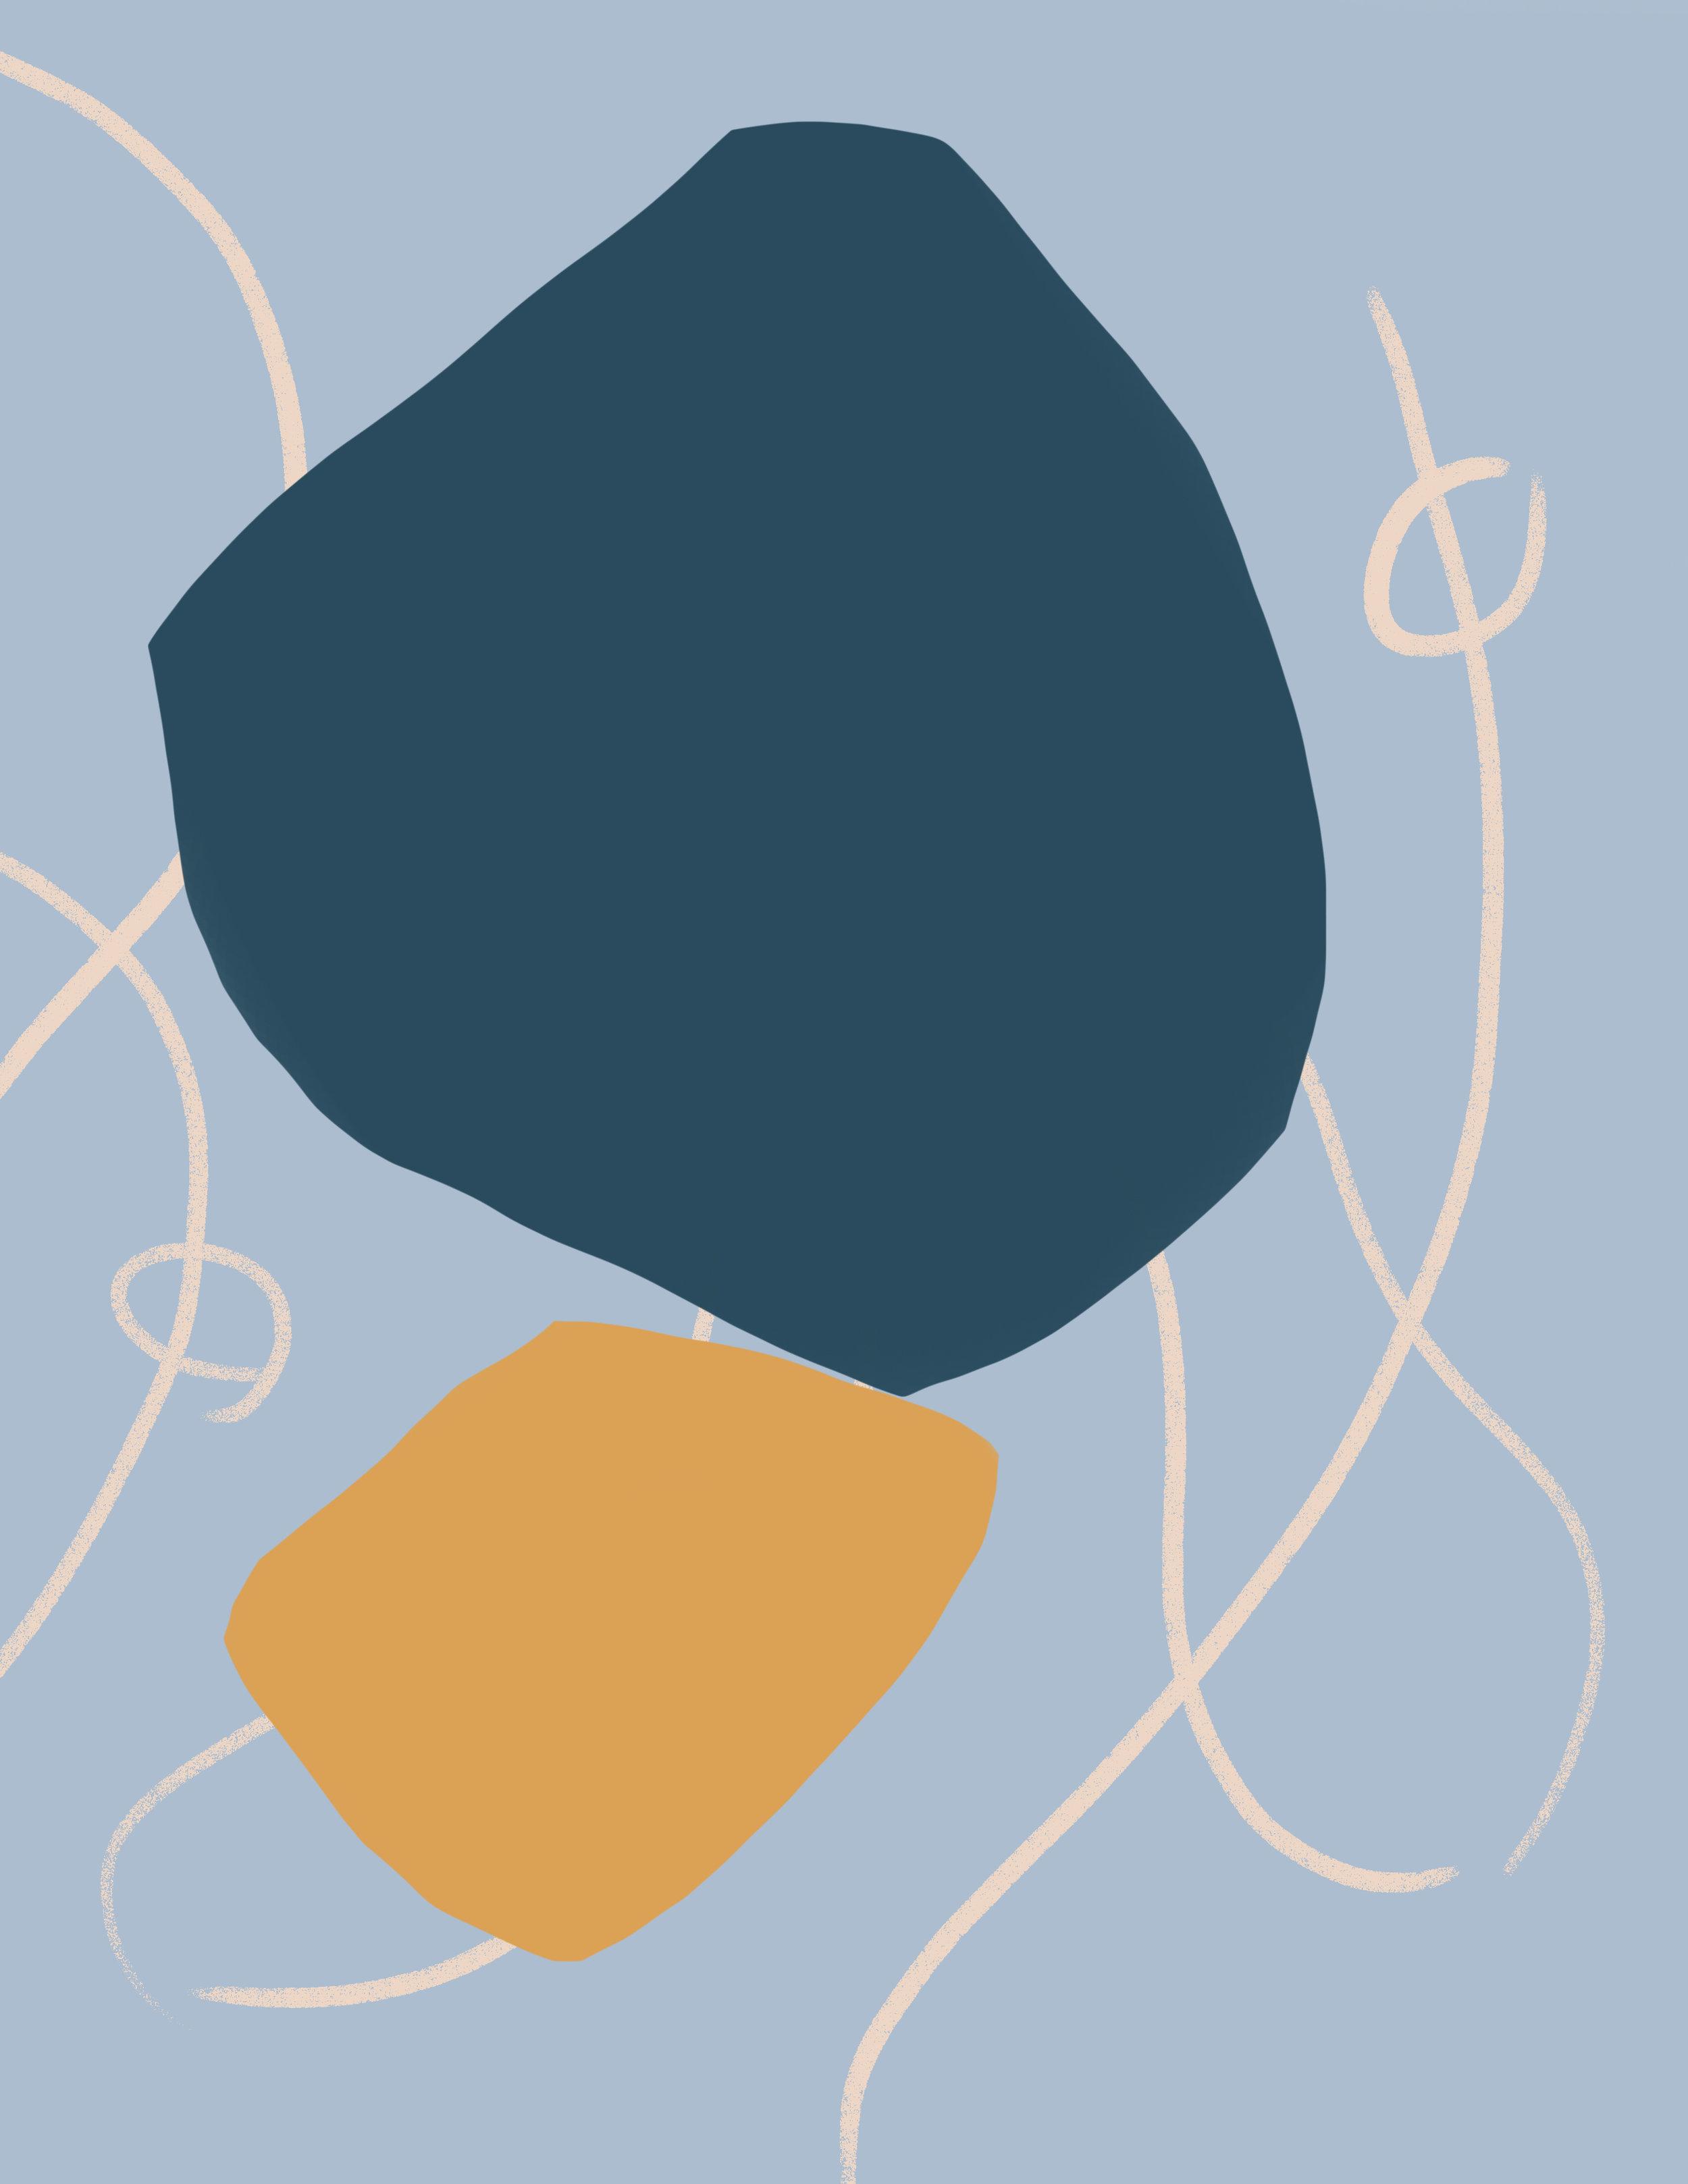 Eir-Abstract_02.jpg